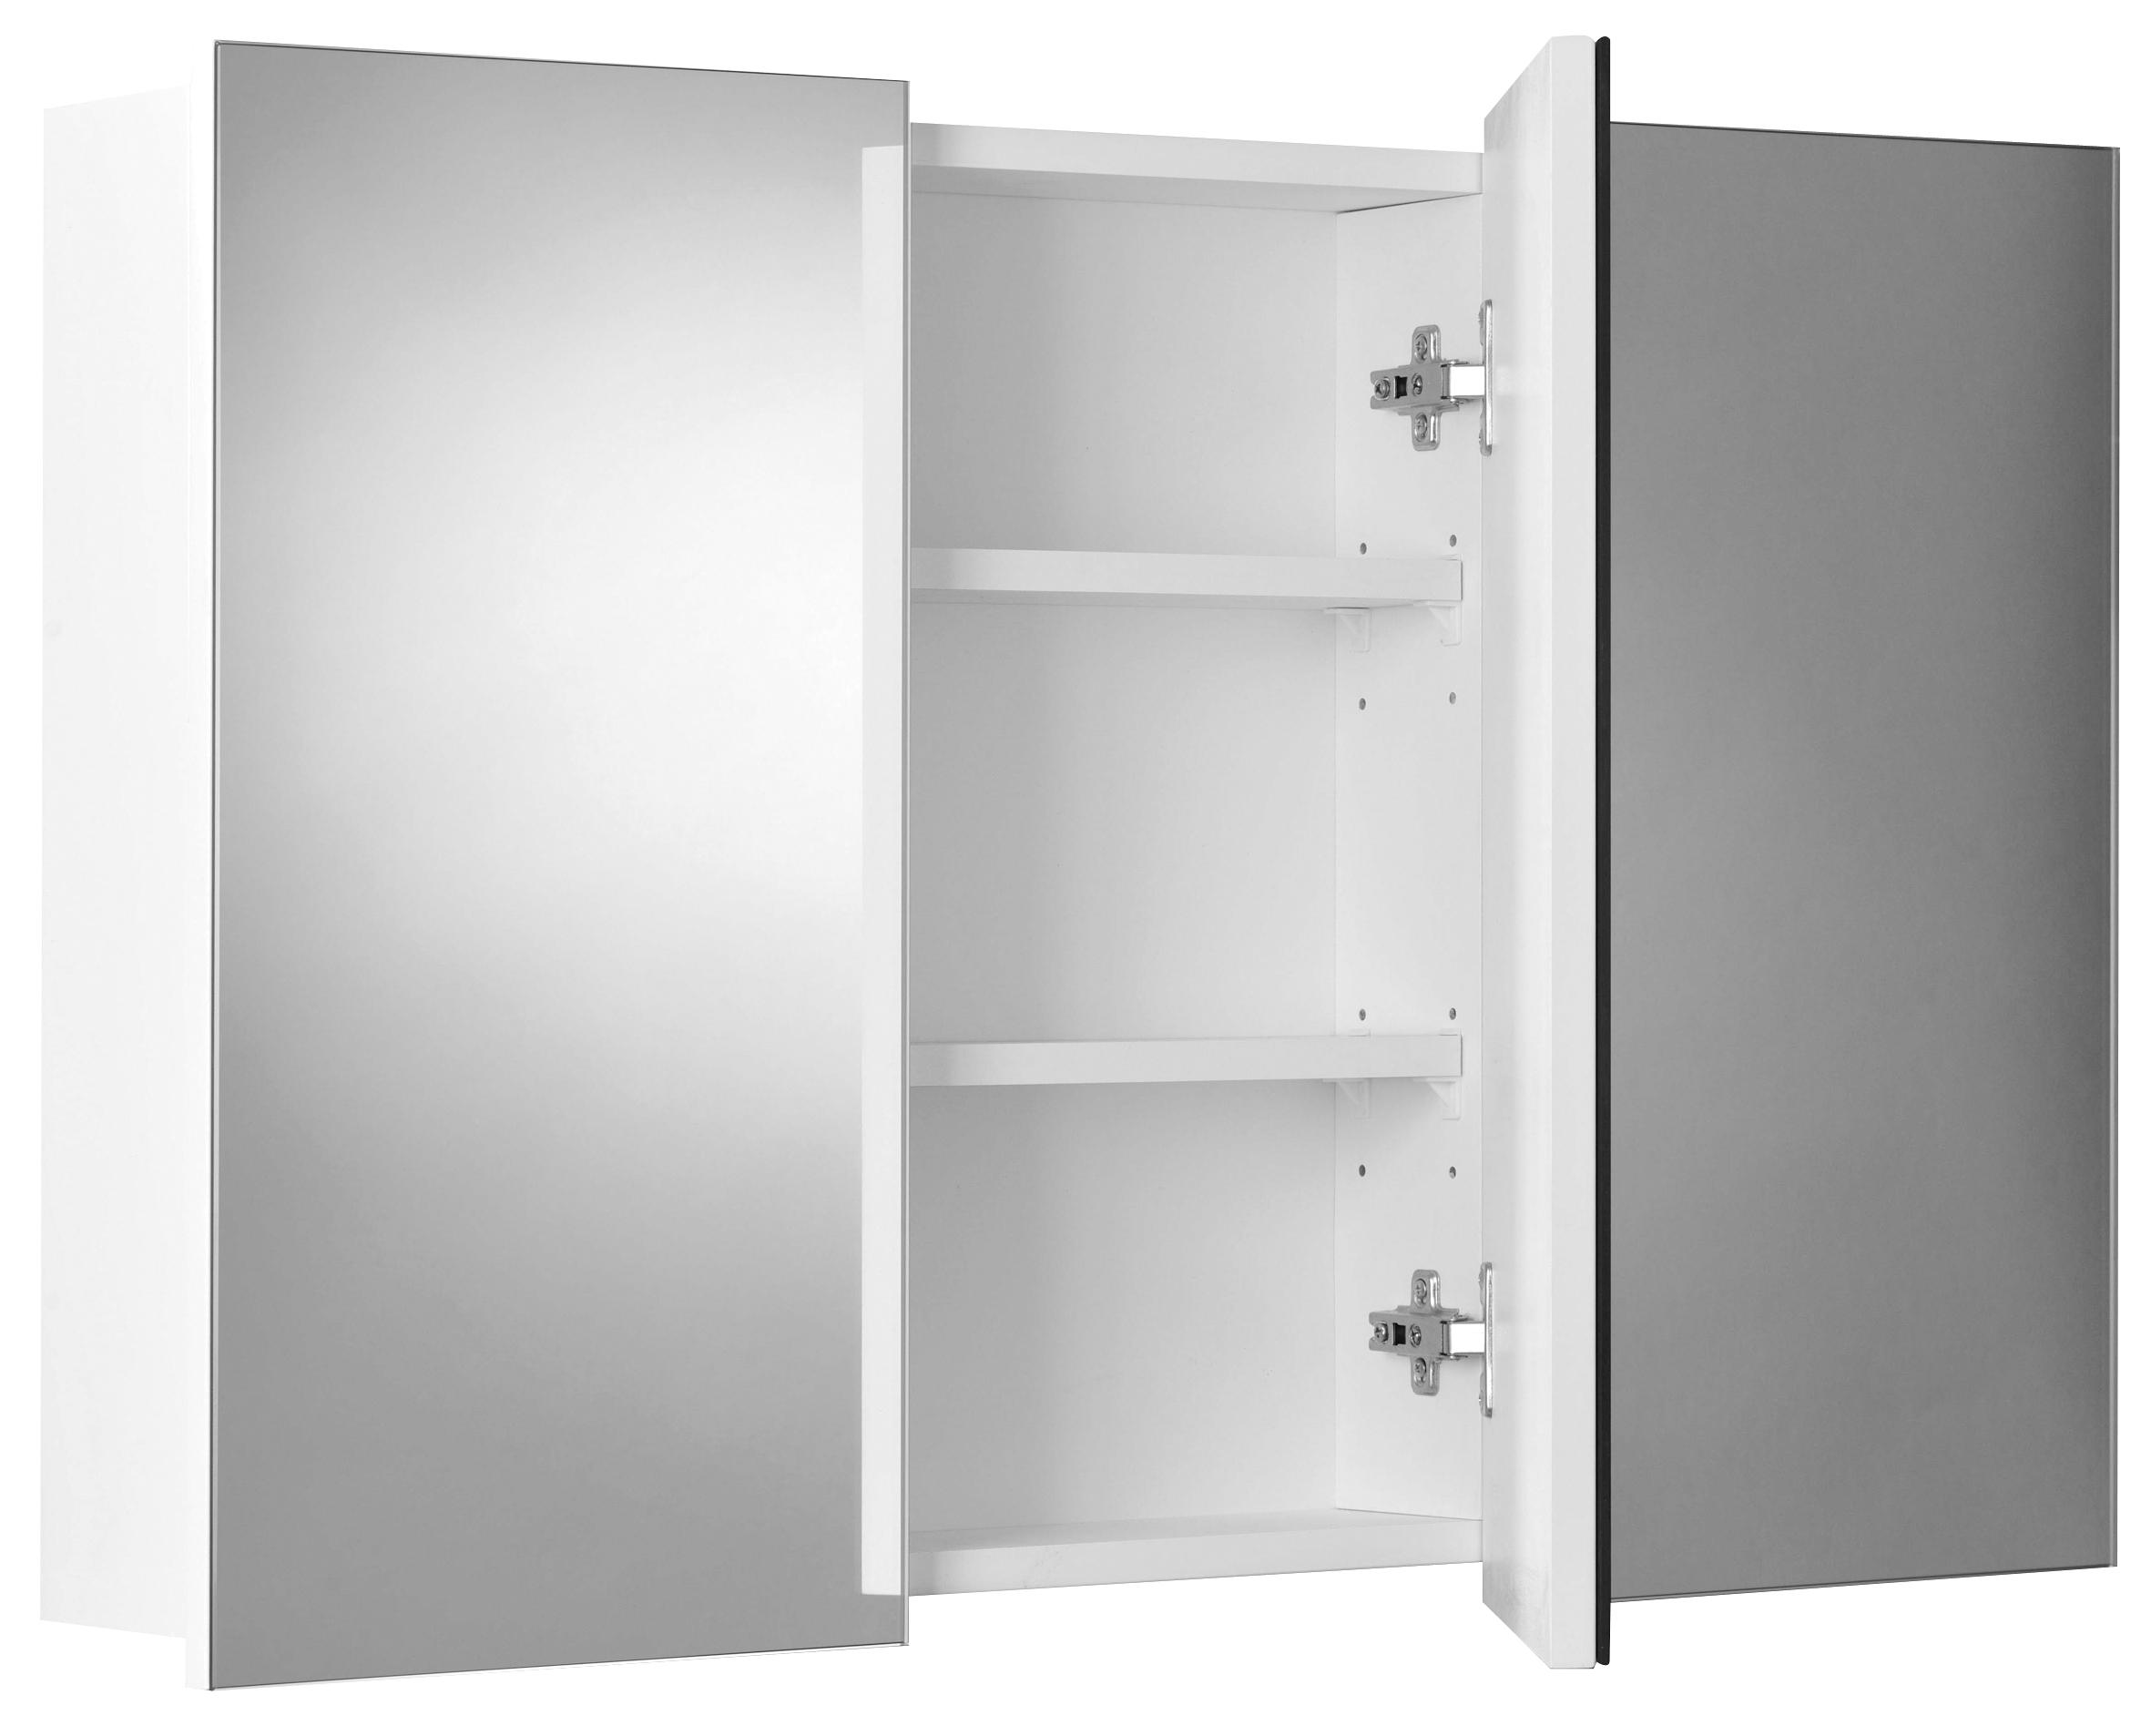 Bathroom Cabinet With Mirror Door